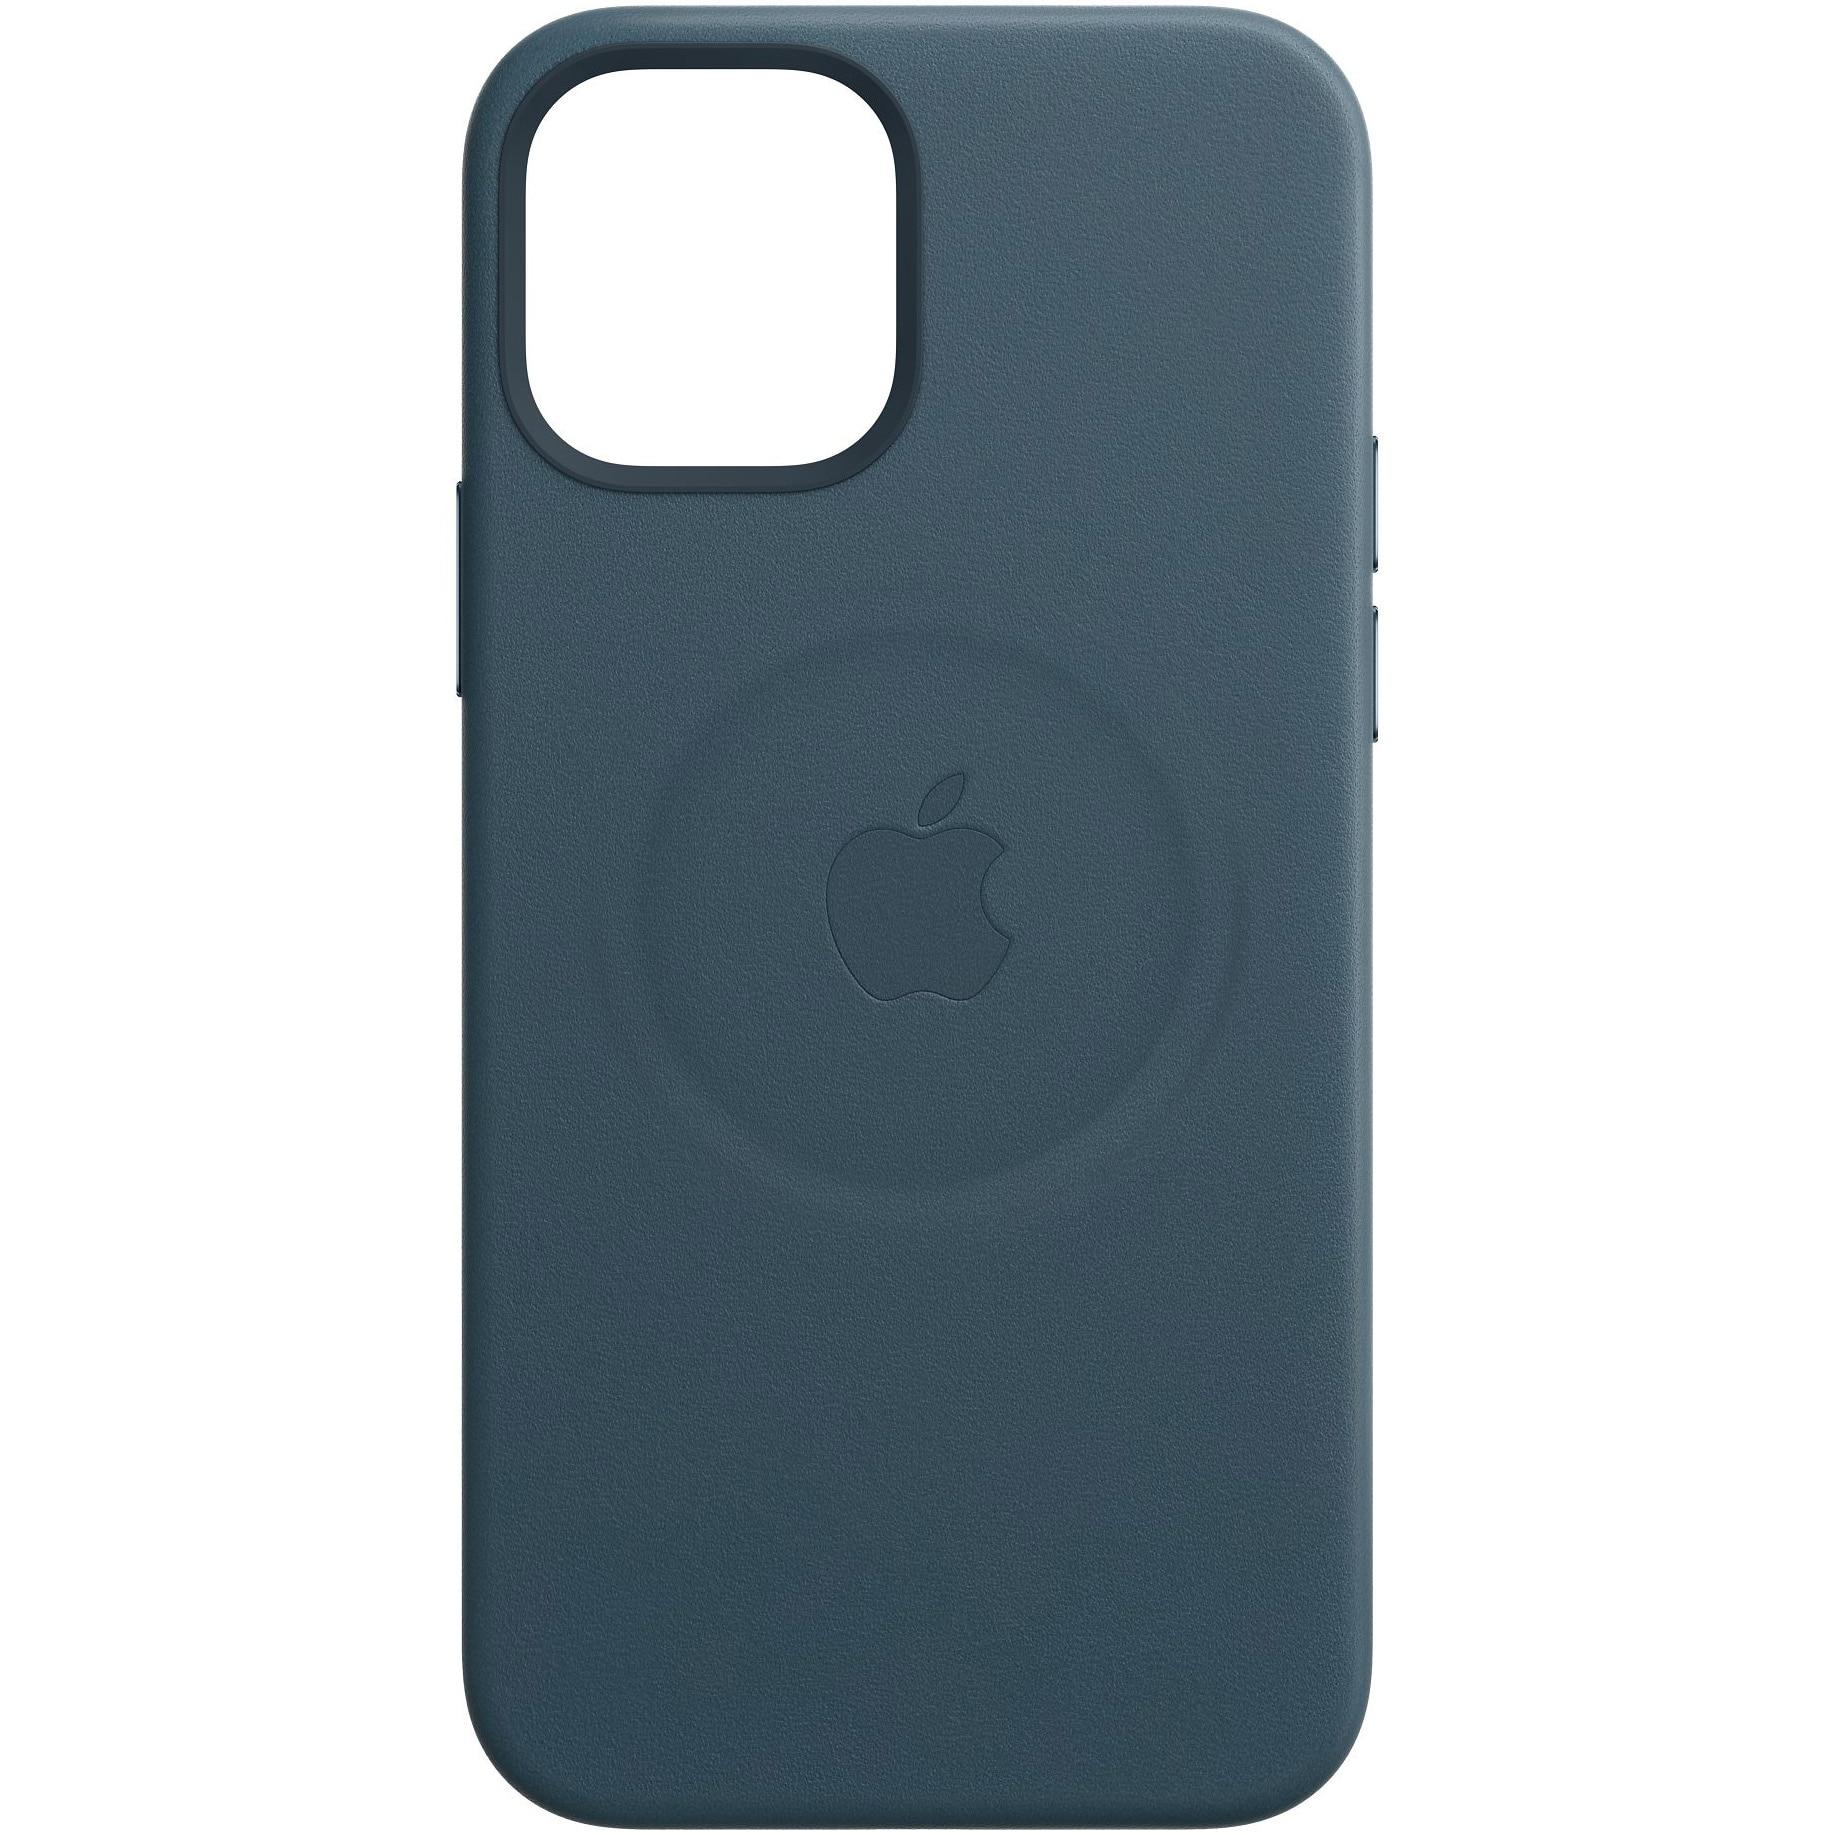 Fotografie Husa de protectie Apple Leather Case MagSafe pentru iPhone 12 mini, Baltic Blue